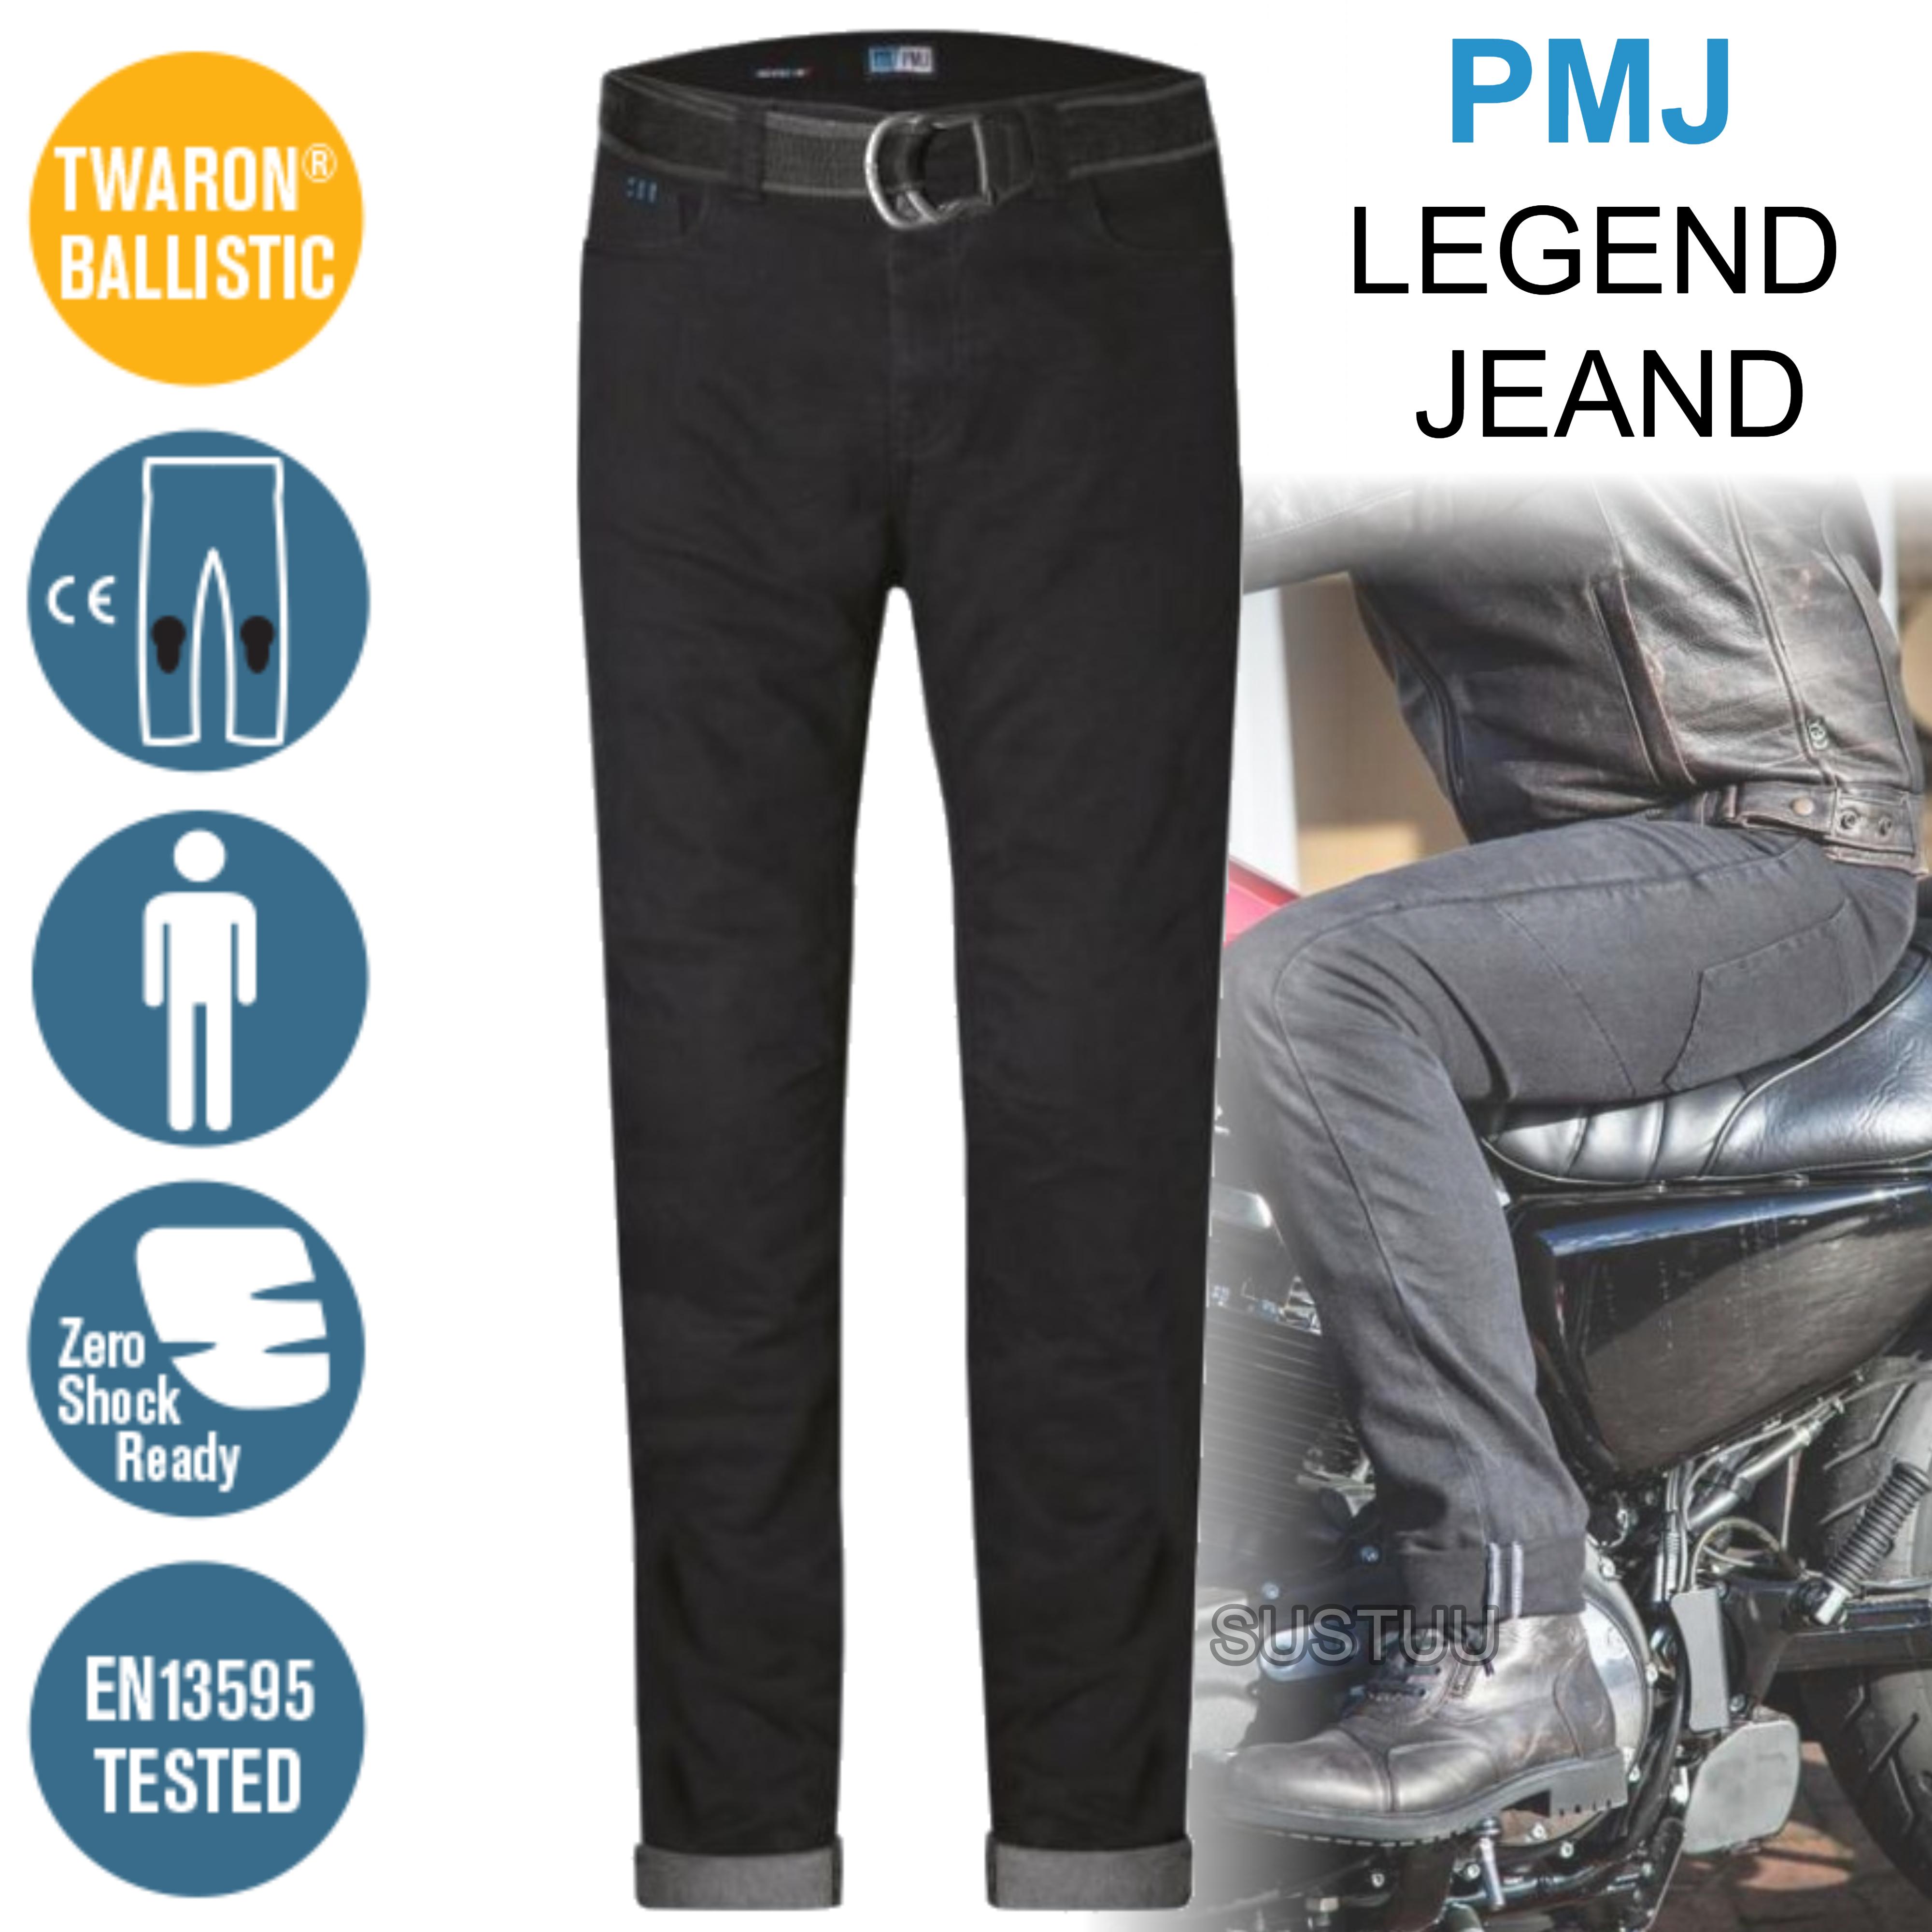 2023d84dd0 PMJ Rider Motorcycle Mens Slim Fit Jeans EN 13595-2 Tested 100%  TWARON Black   Sustuu